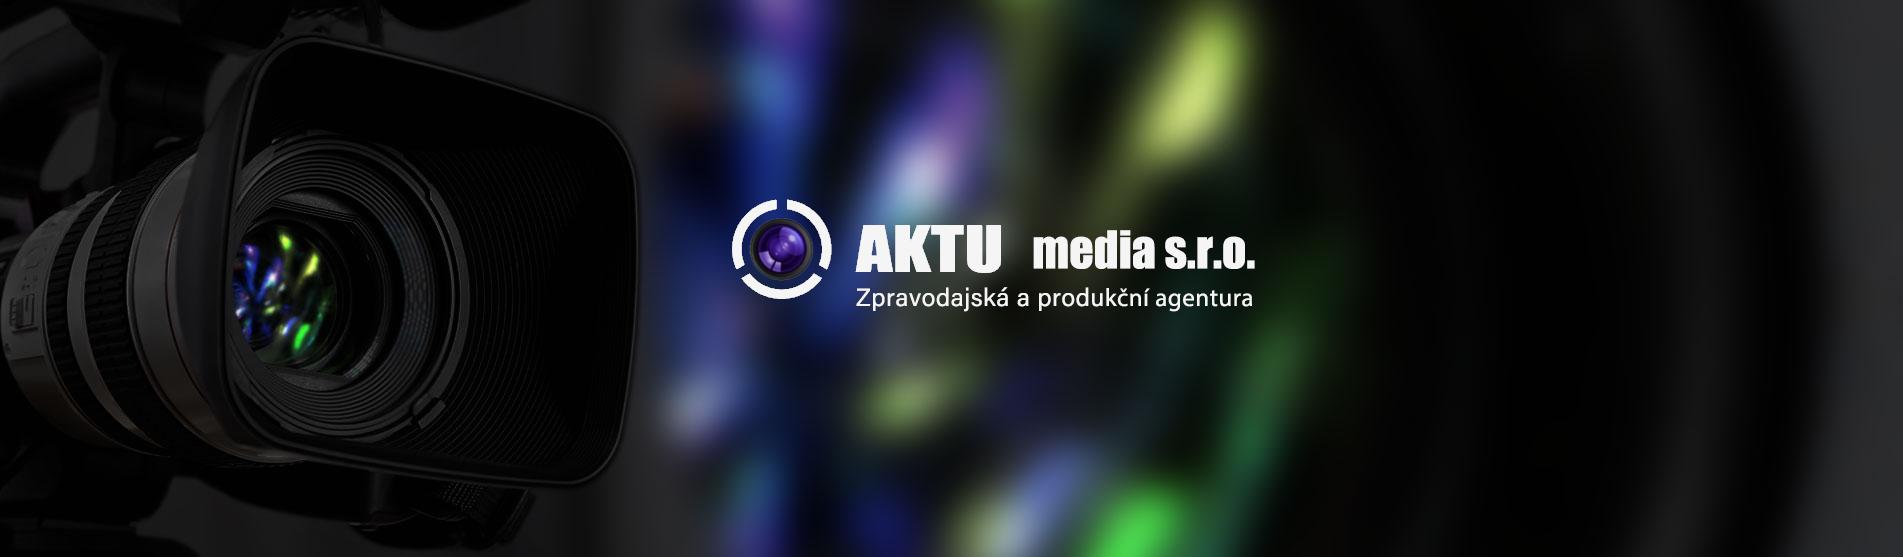 AKTU média